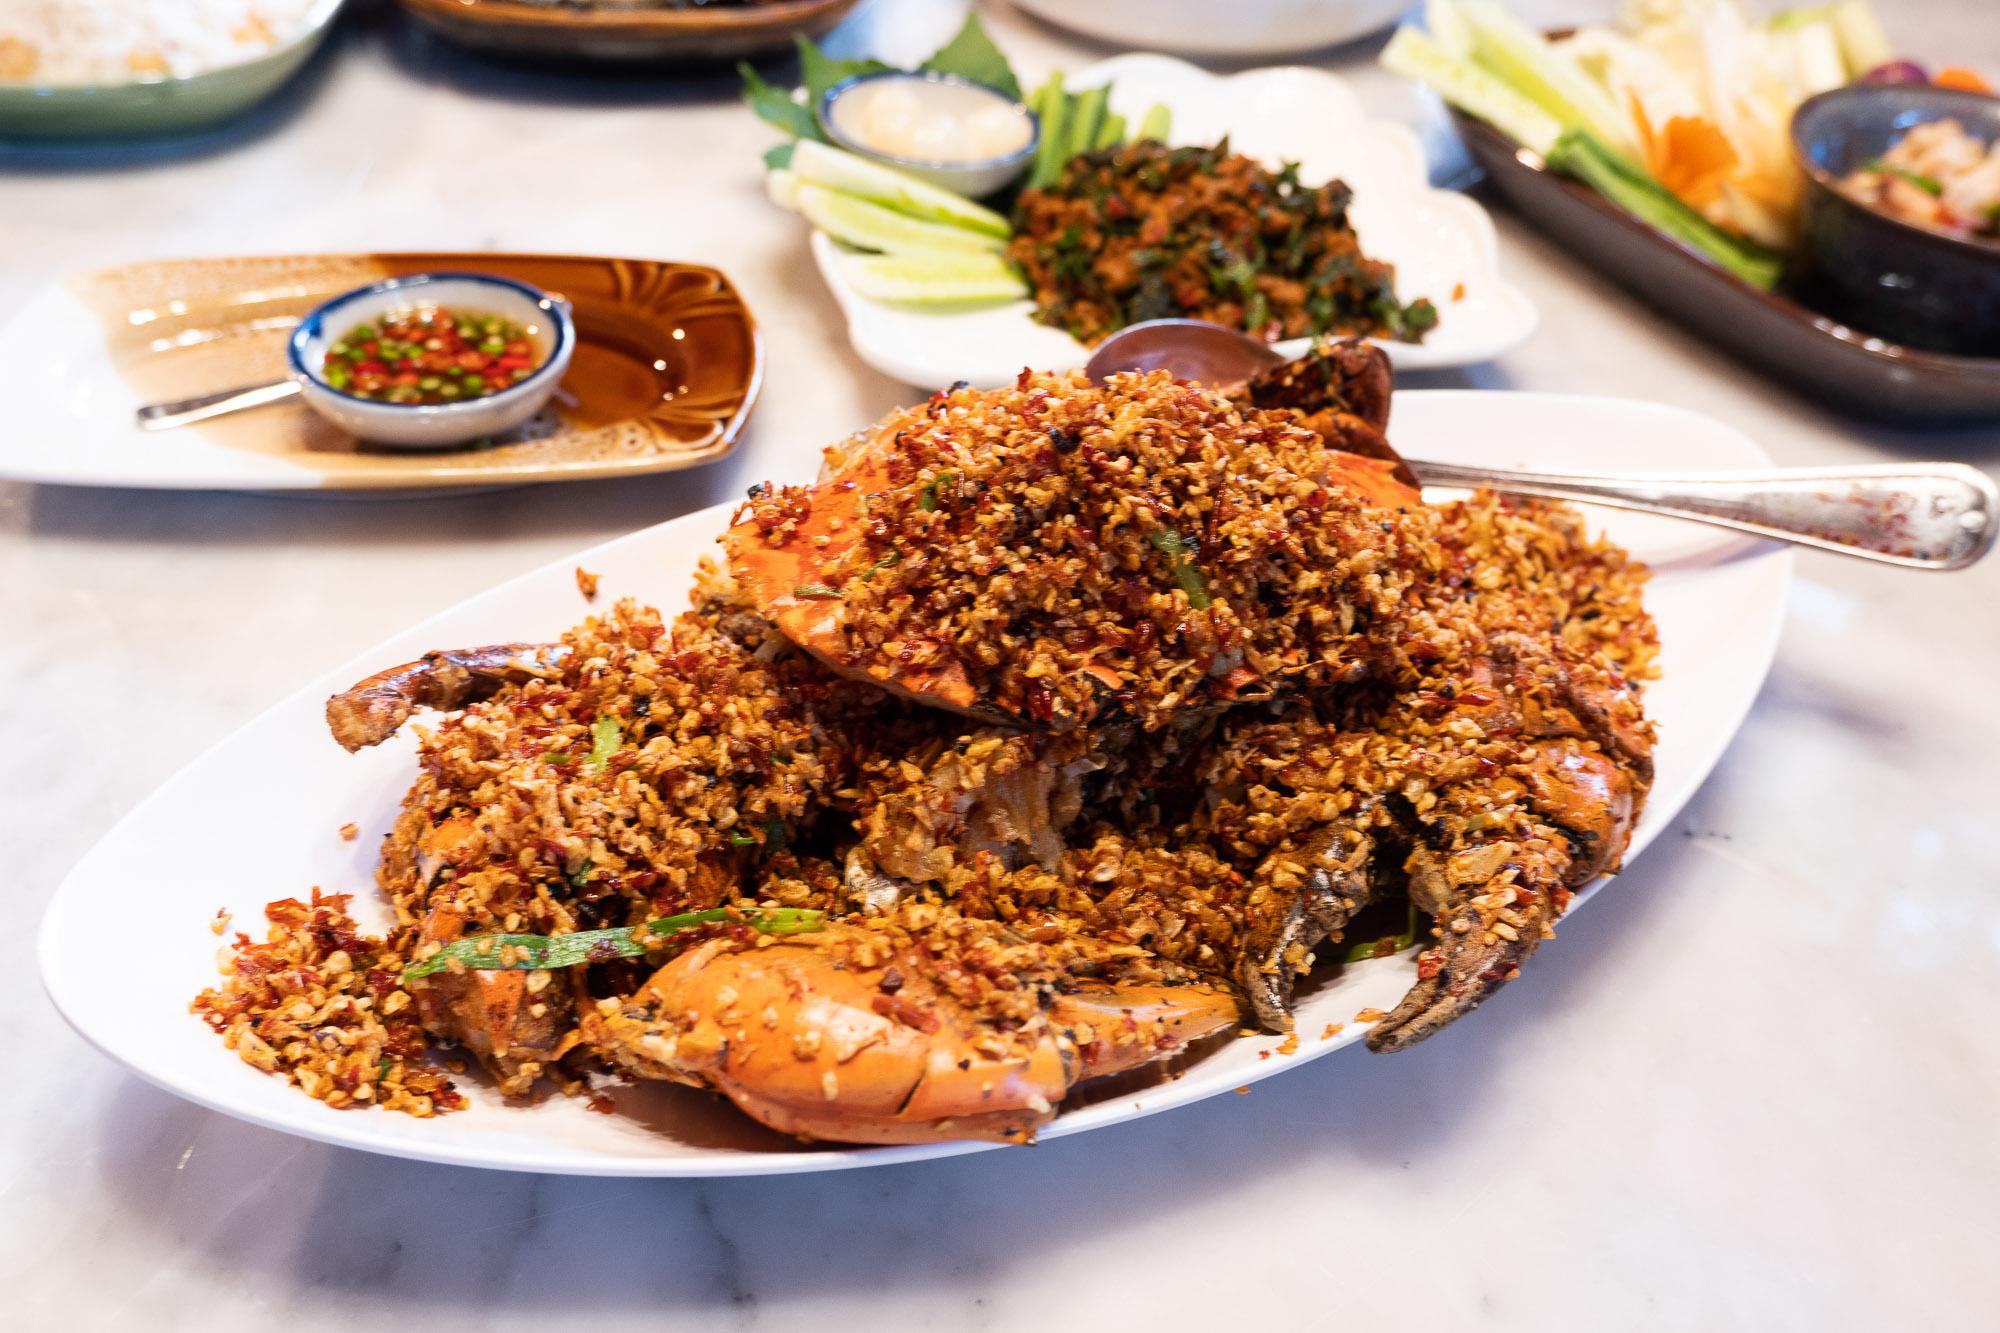 Spicy Crab อำแดงไต้ฝุ่น  อำแดงไต้ฝุ่น อาหารไทยโบราณรสเลิศ  สุขุมวิท 32 DSCF0144